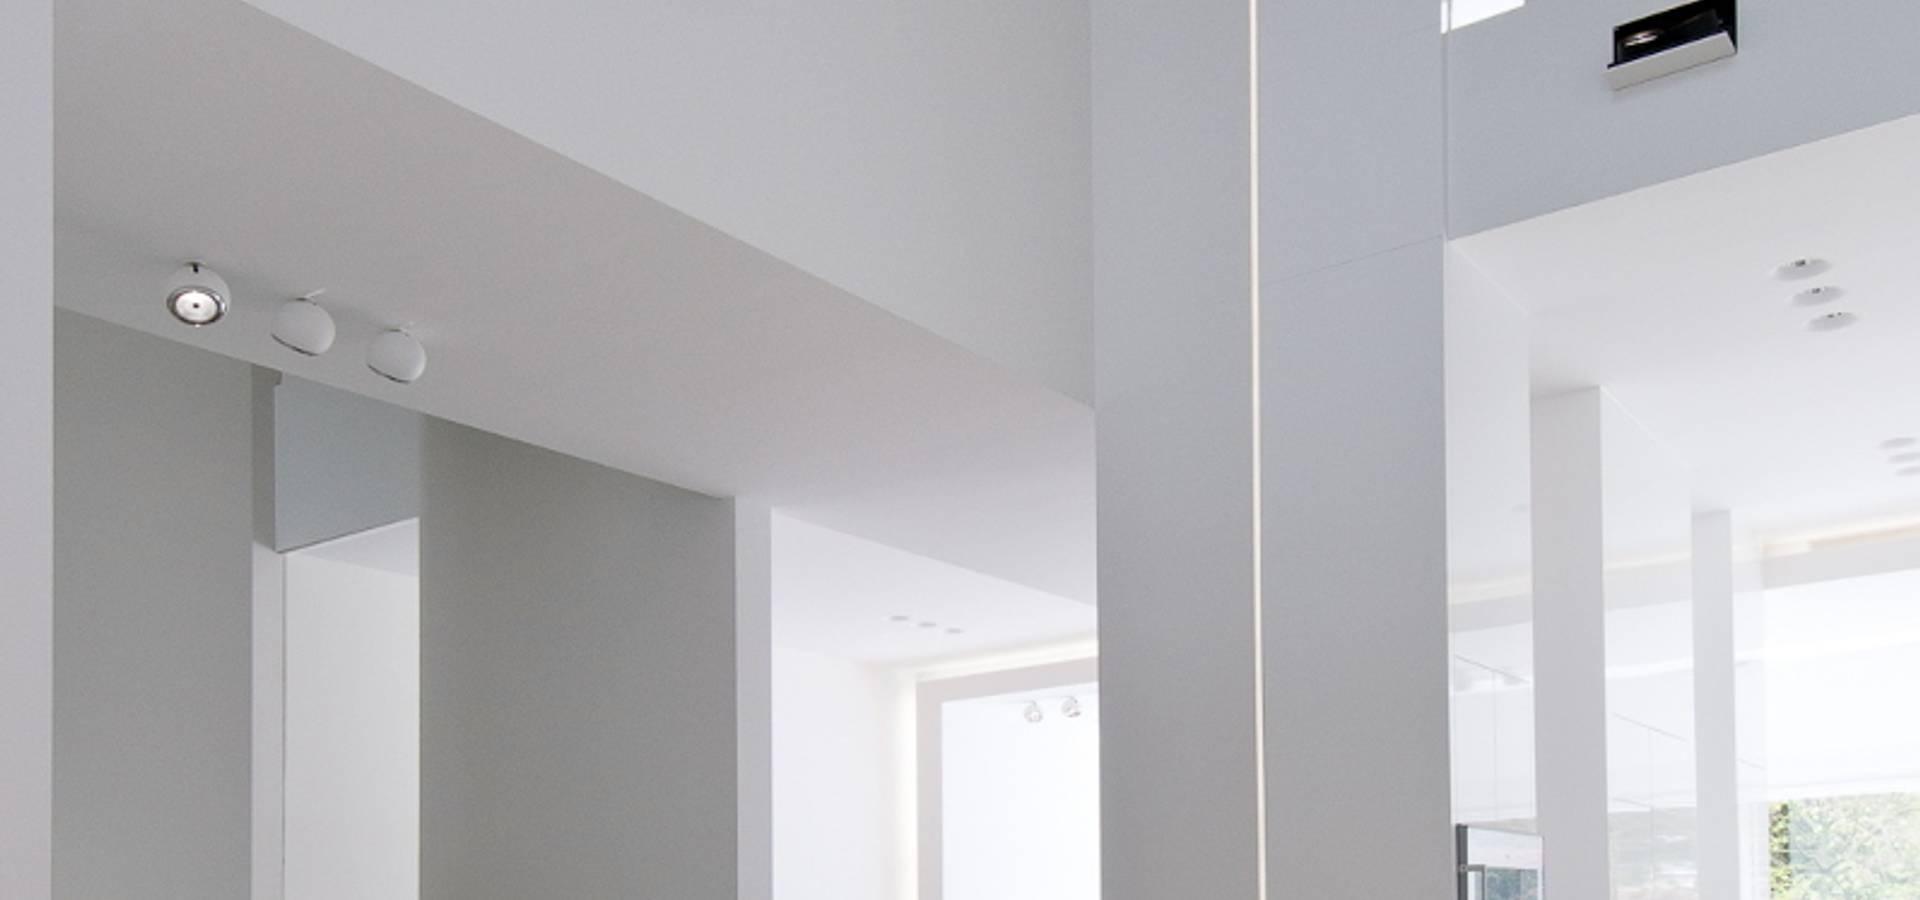 Nieuwbouwontwerp exterieur & interieur by Bart van Wijk ...